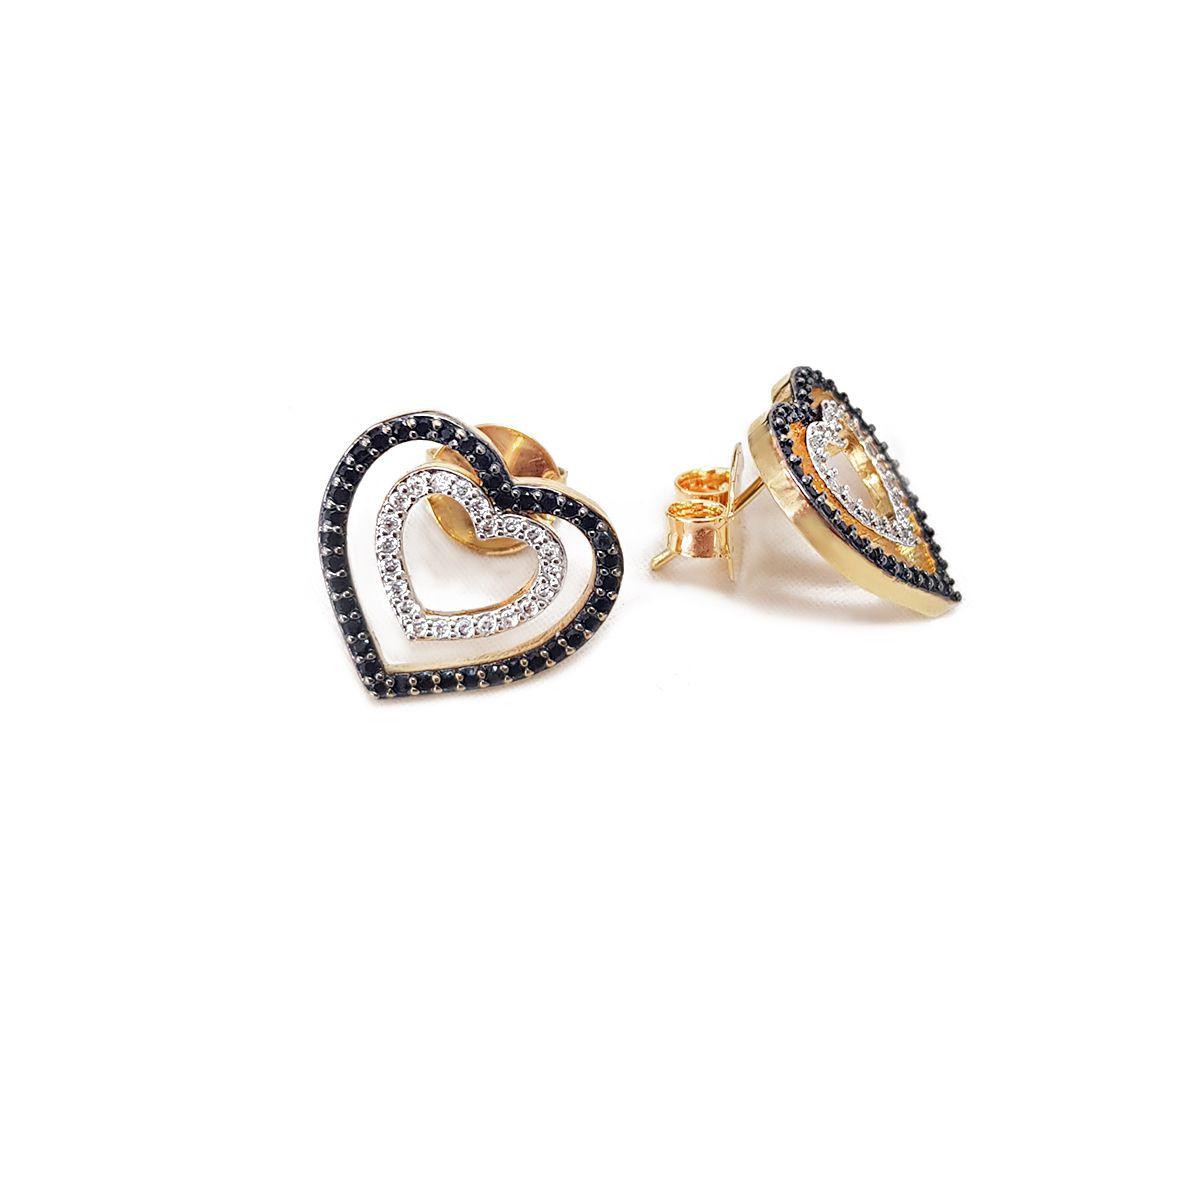 Brinco Coração Duplo com Zircônias Pretas e Brancas Semijoias - 8020173A